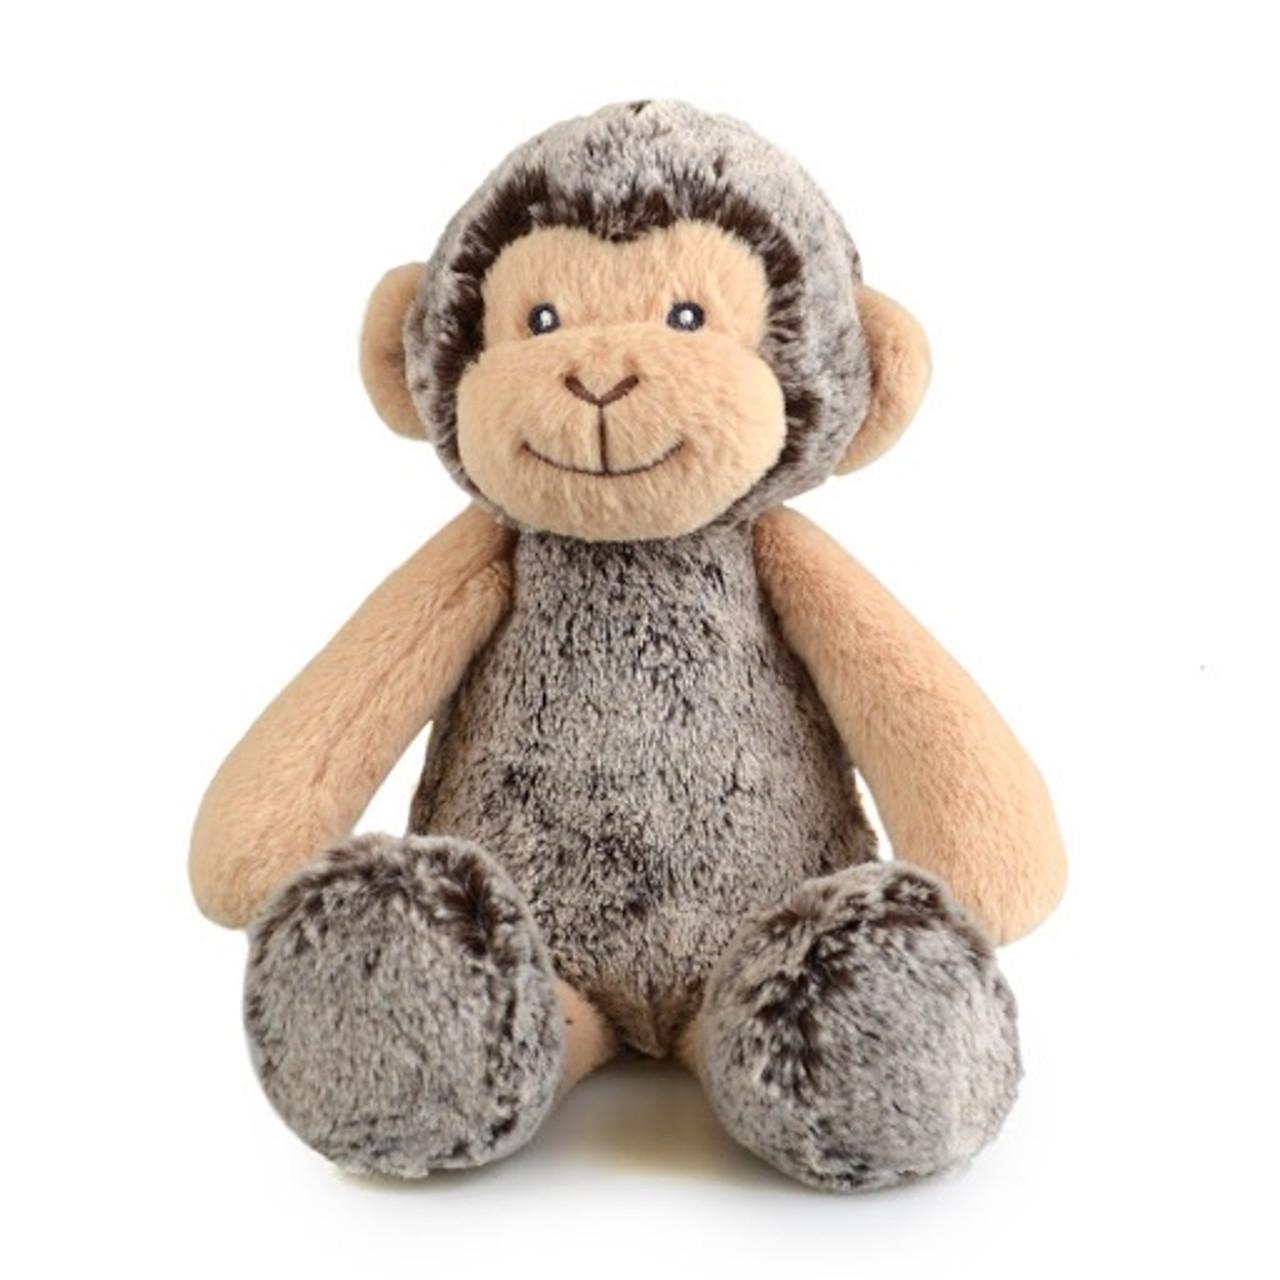 Korimco Frankie and Friends Plush Toy 28 cm - Monkey